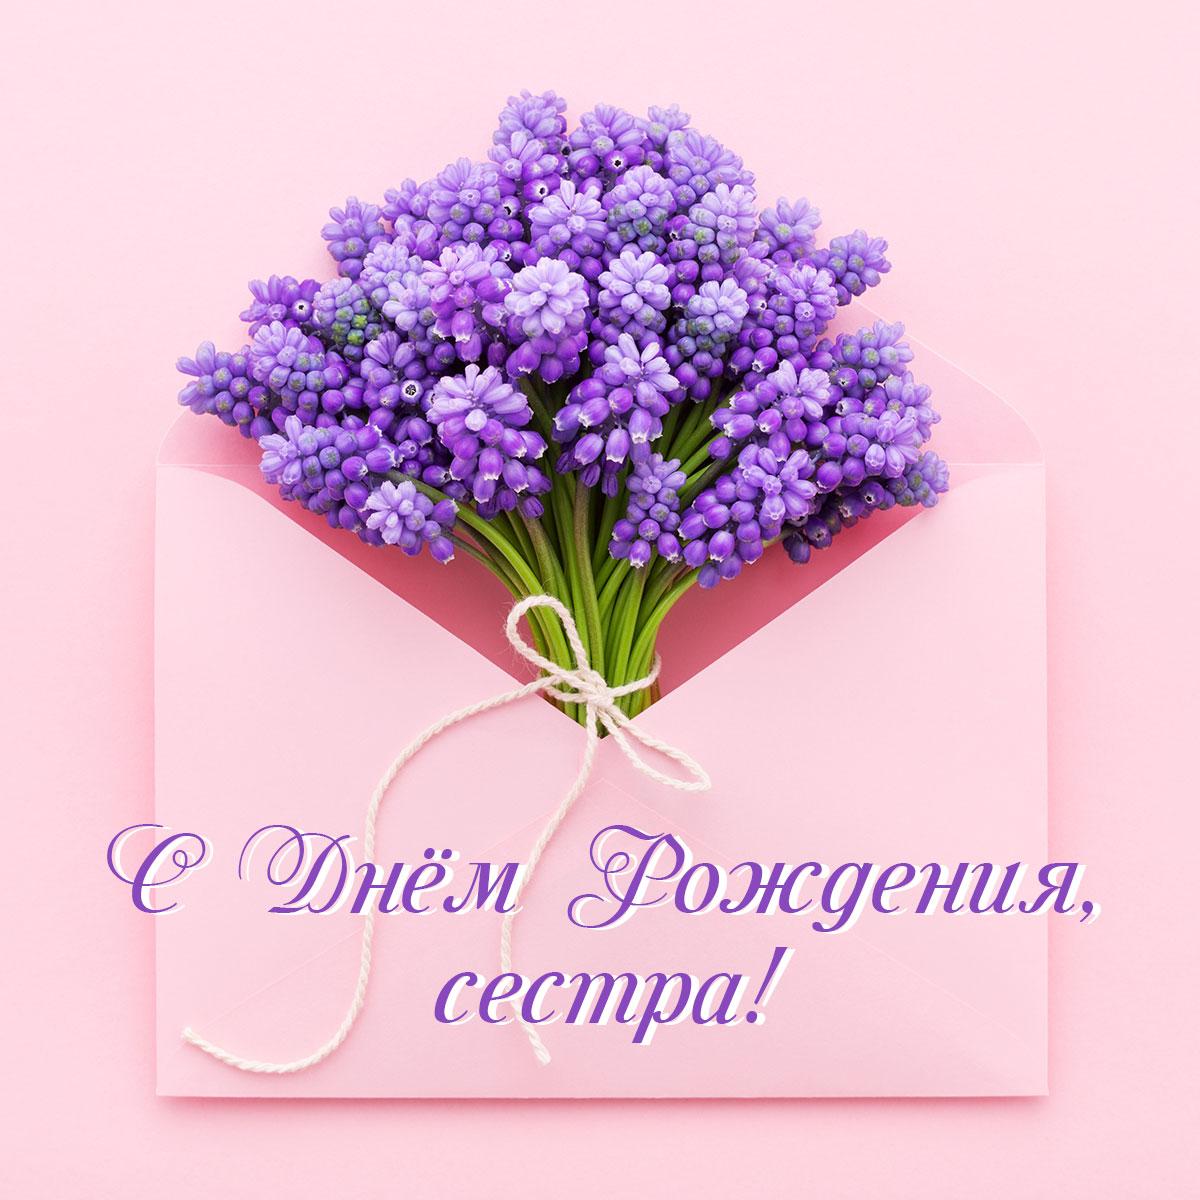 Картинка с текстом для открытки с днем рождения сестры: букет цветов сирени фиолетового цвета на зелёных стеблях внутри открытого розового почтового конверта.